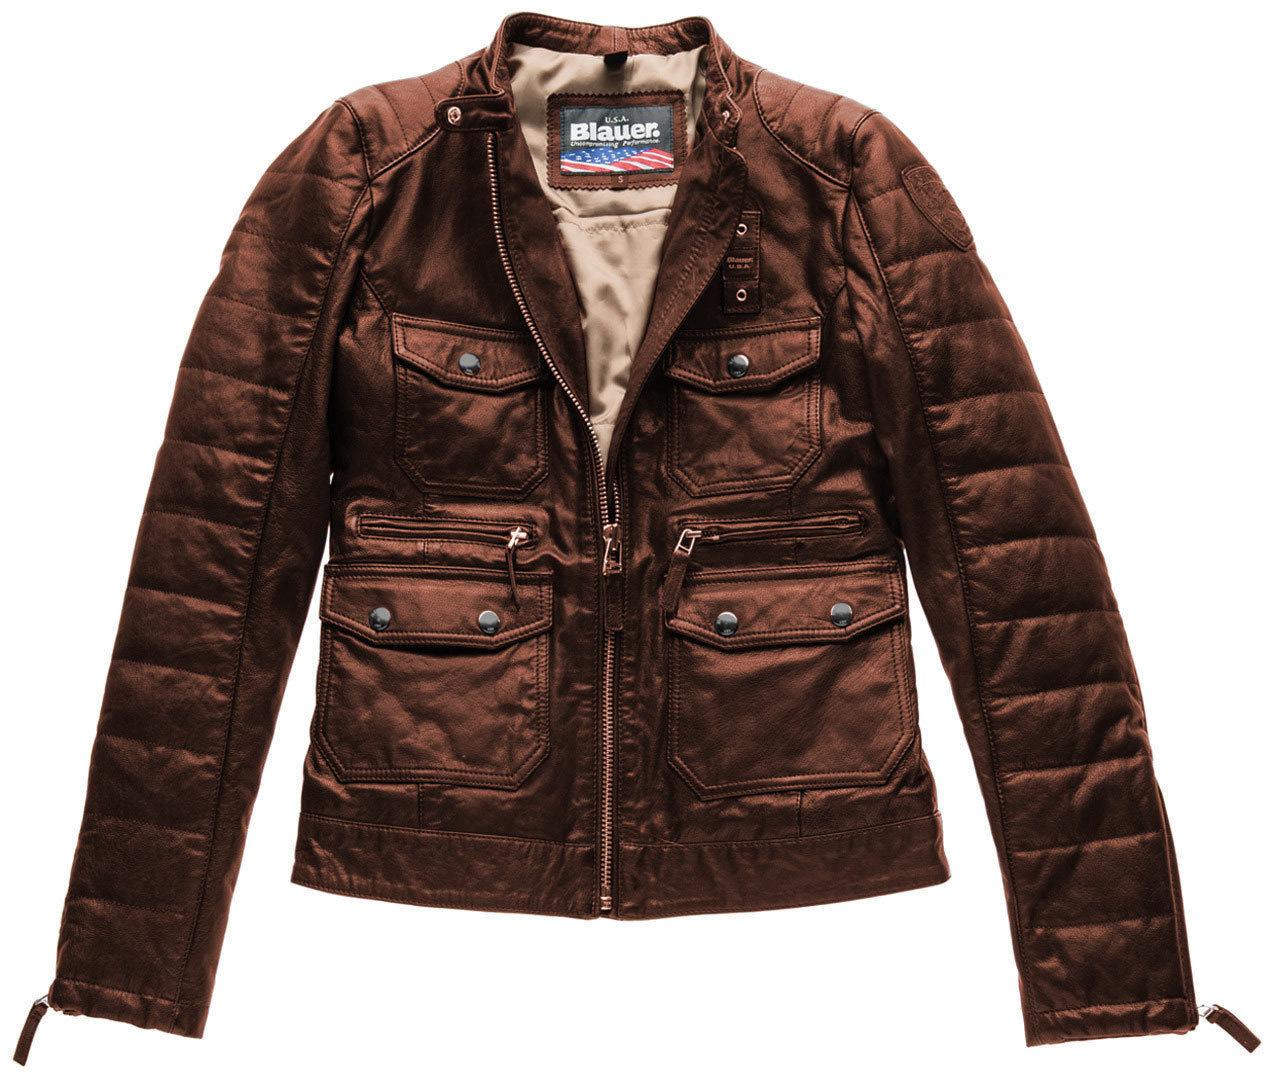 Blauer USA Rider Pocket Padded Damen Lederjacke, braun, Größe XS, braun, Größe XS